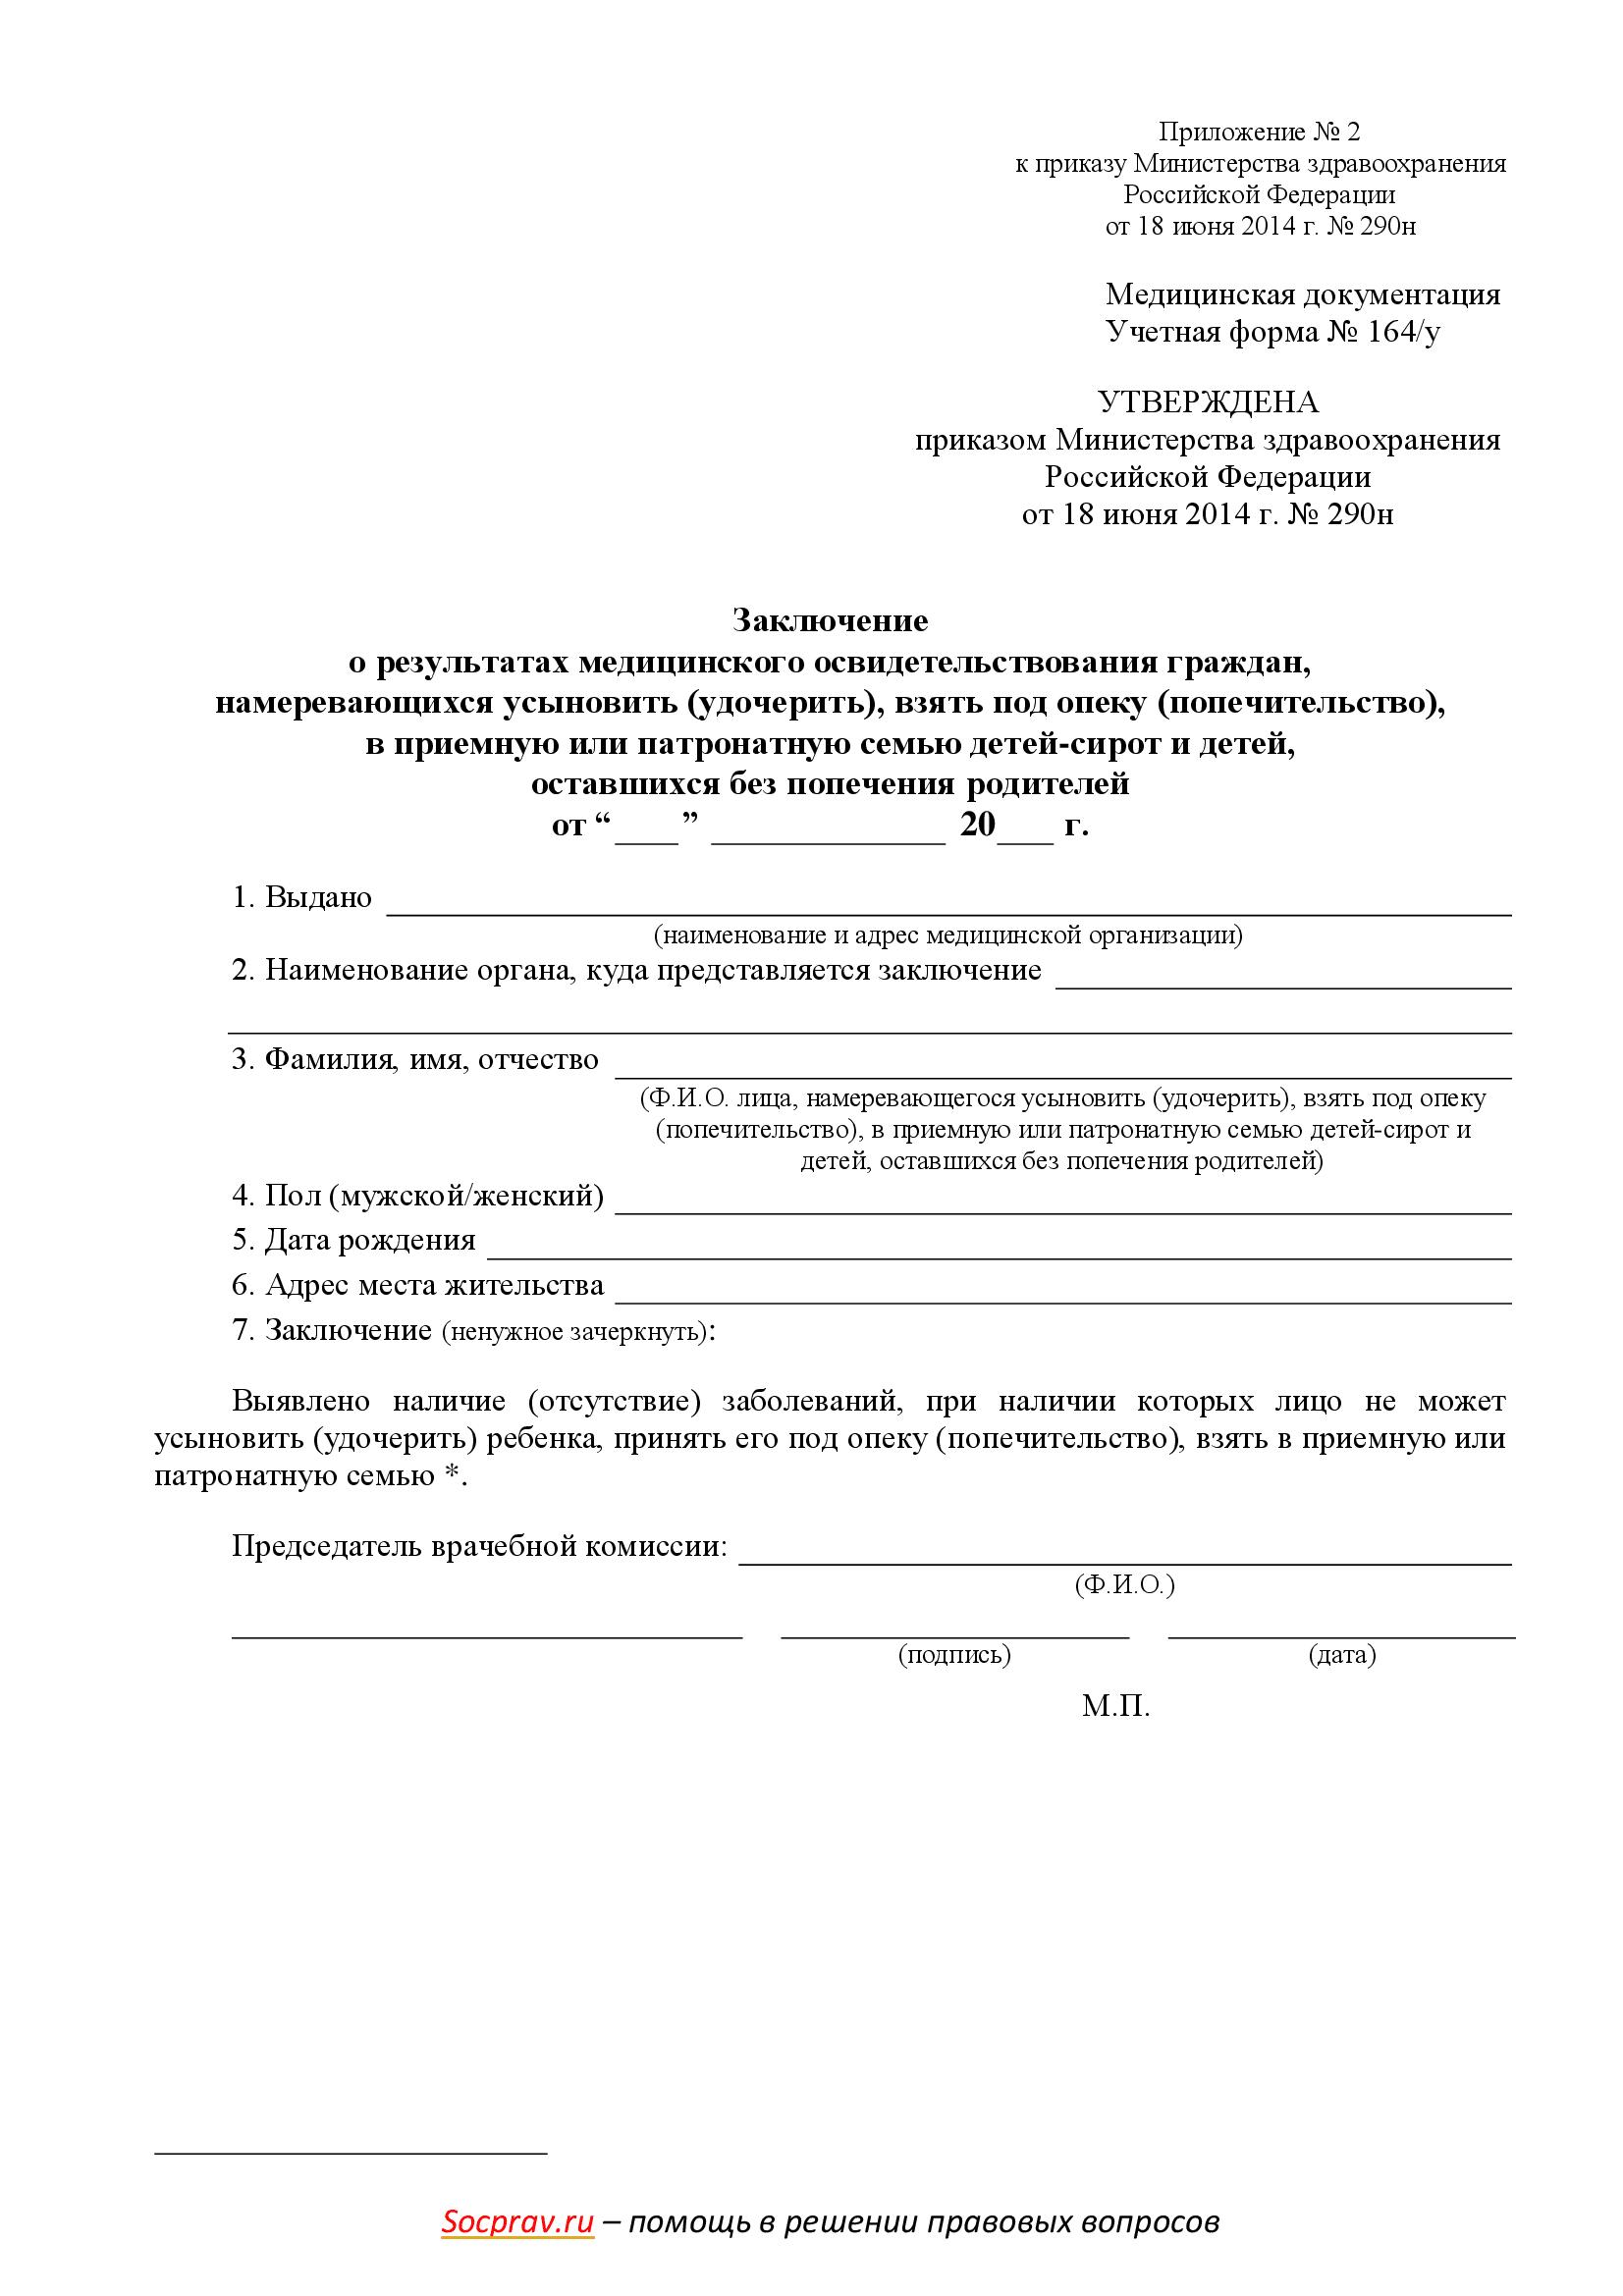 Медицинское заключение (форма 164 у)